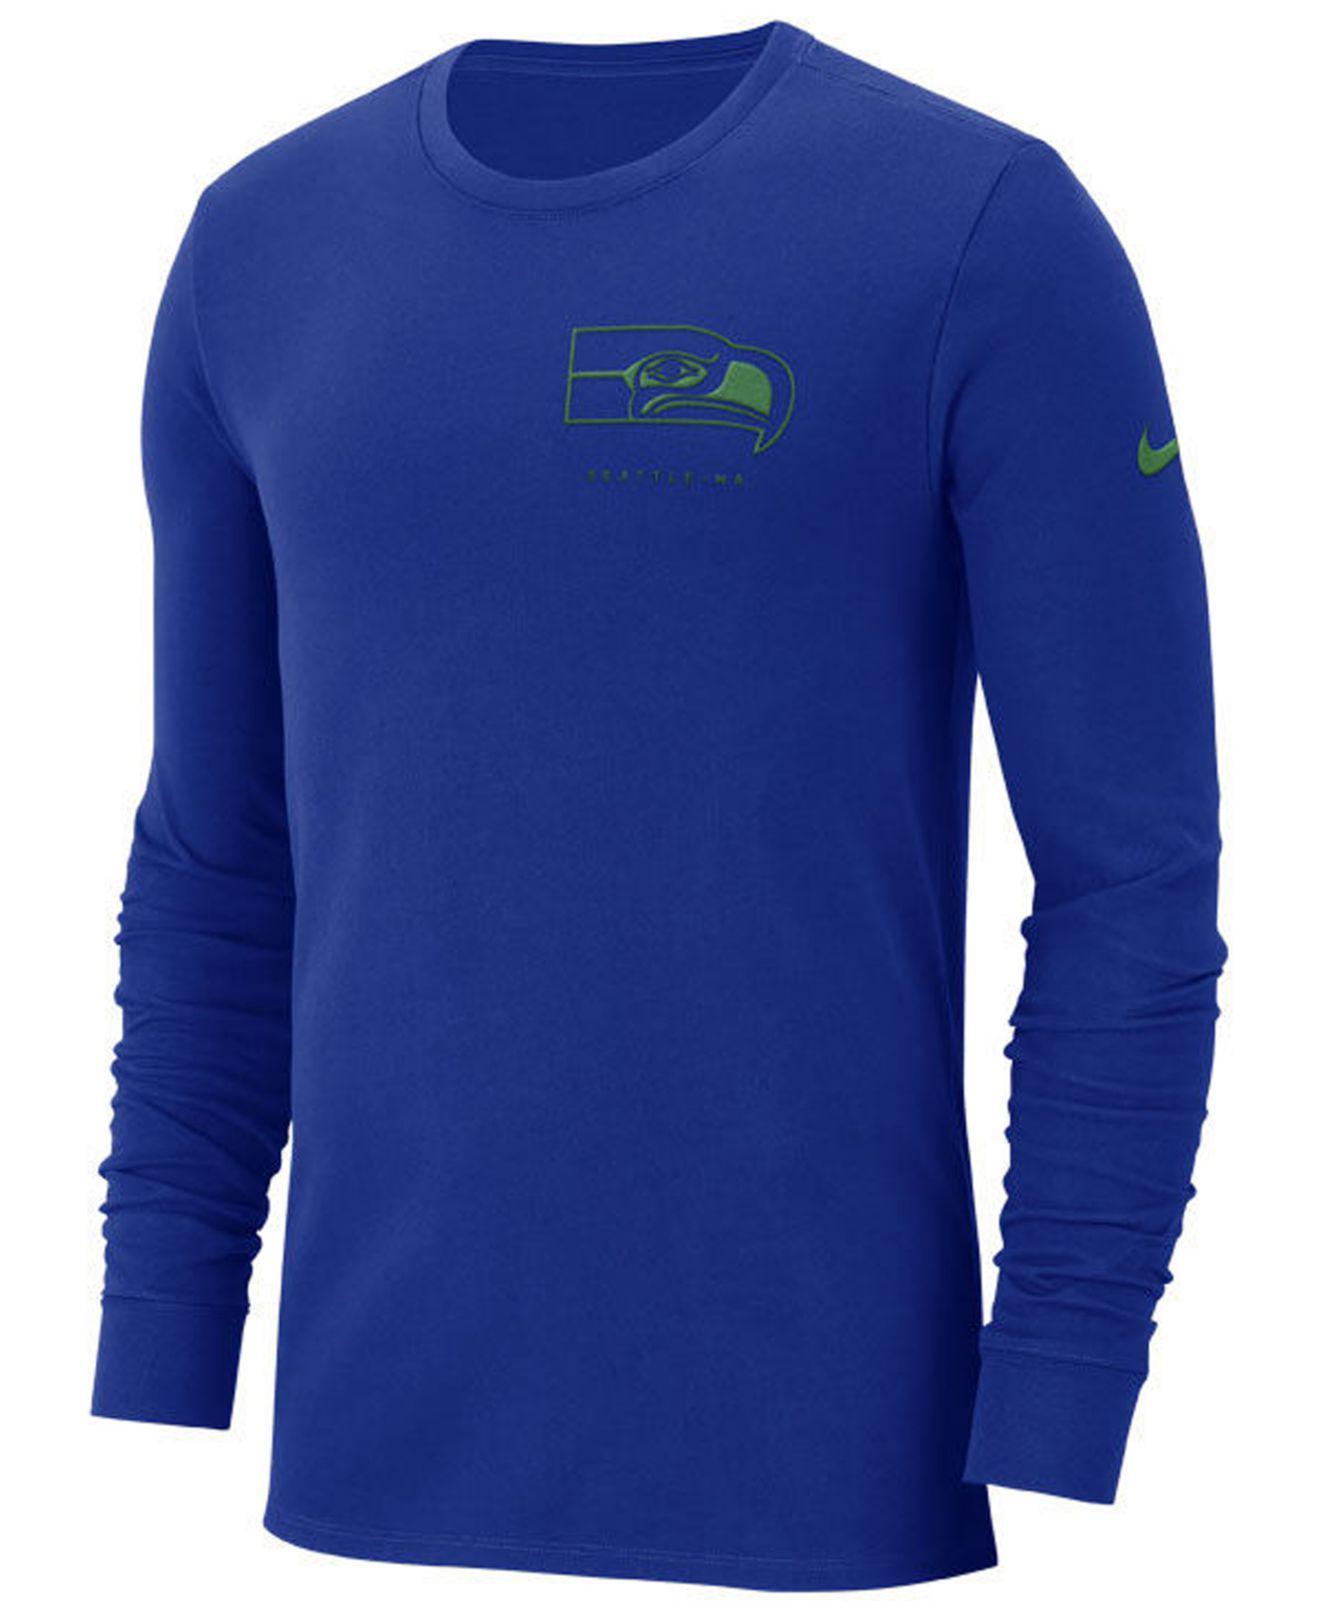 b46eaa217 Lyst - Nike Seattle Seahawks Heavyweight Seal Long Sleeve T-shirt in ...